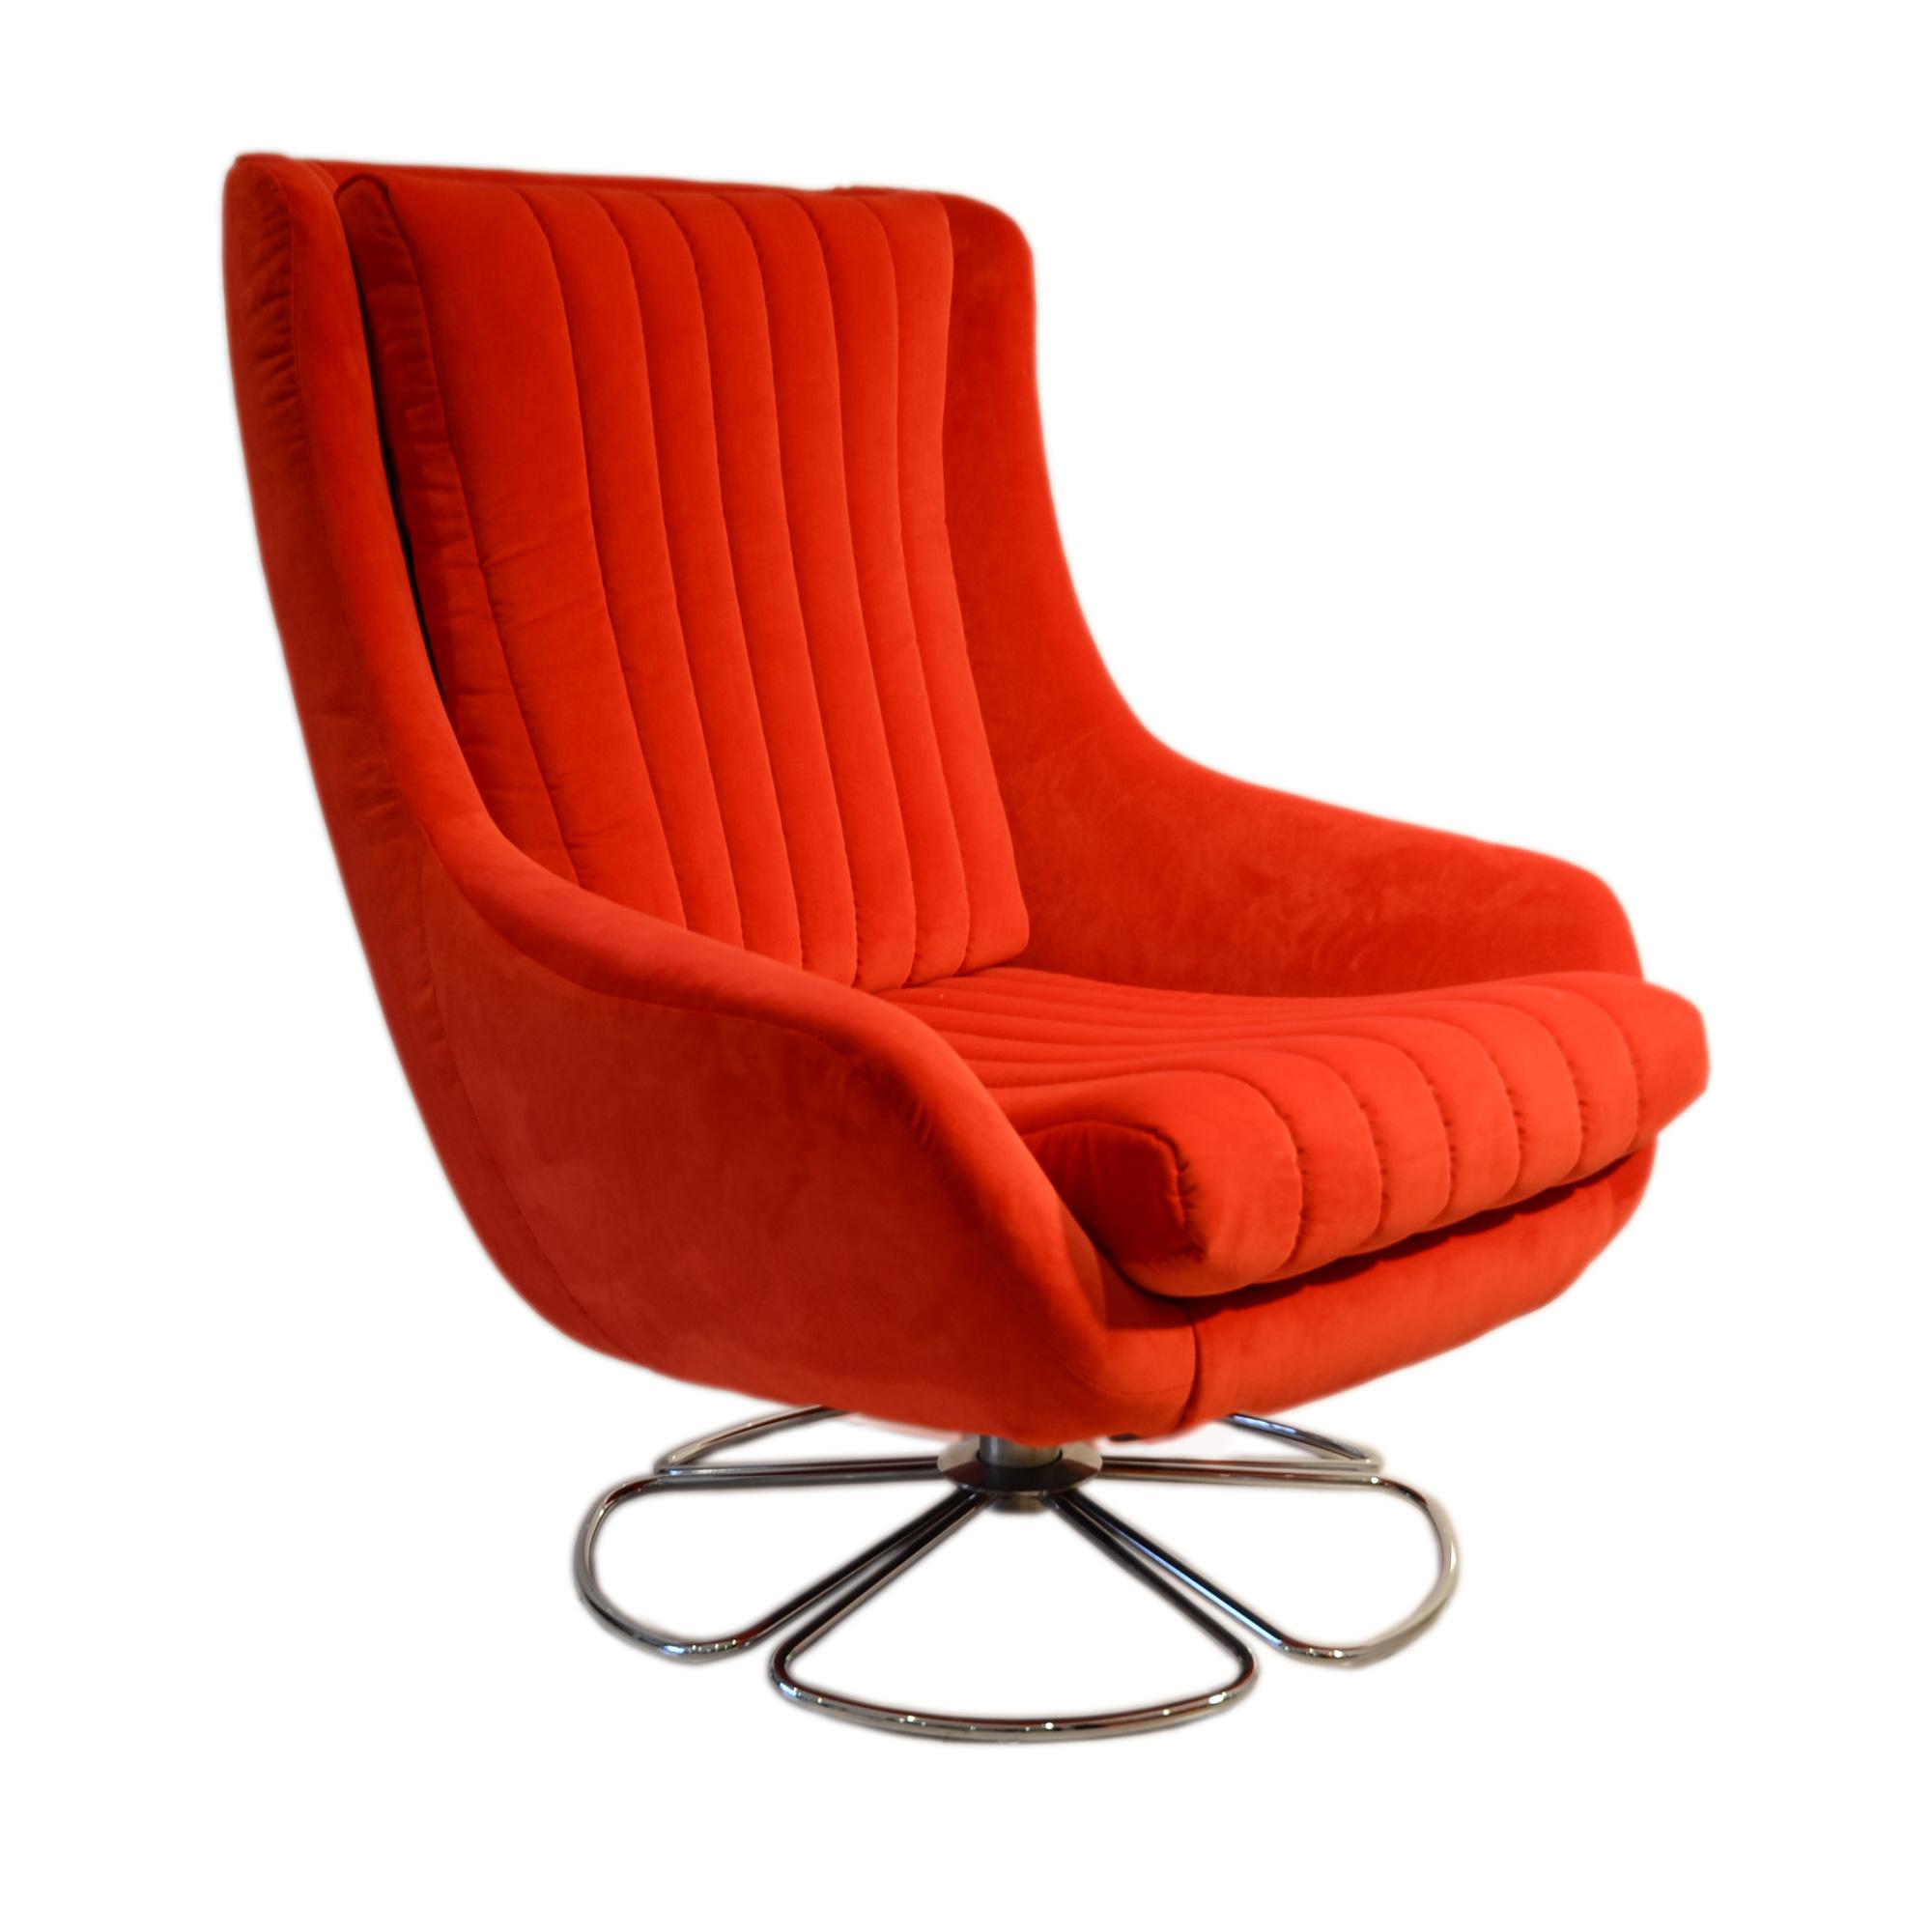 portobello chair side red swivel egg shape seat